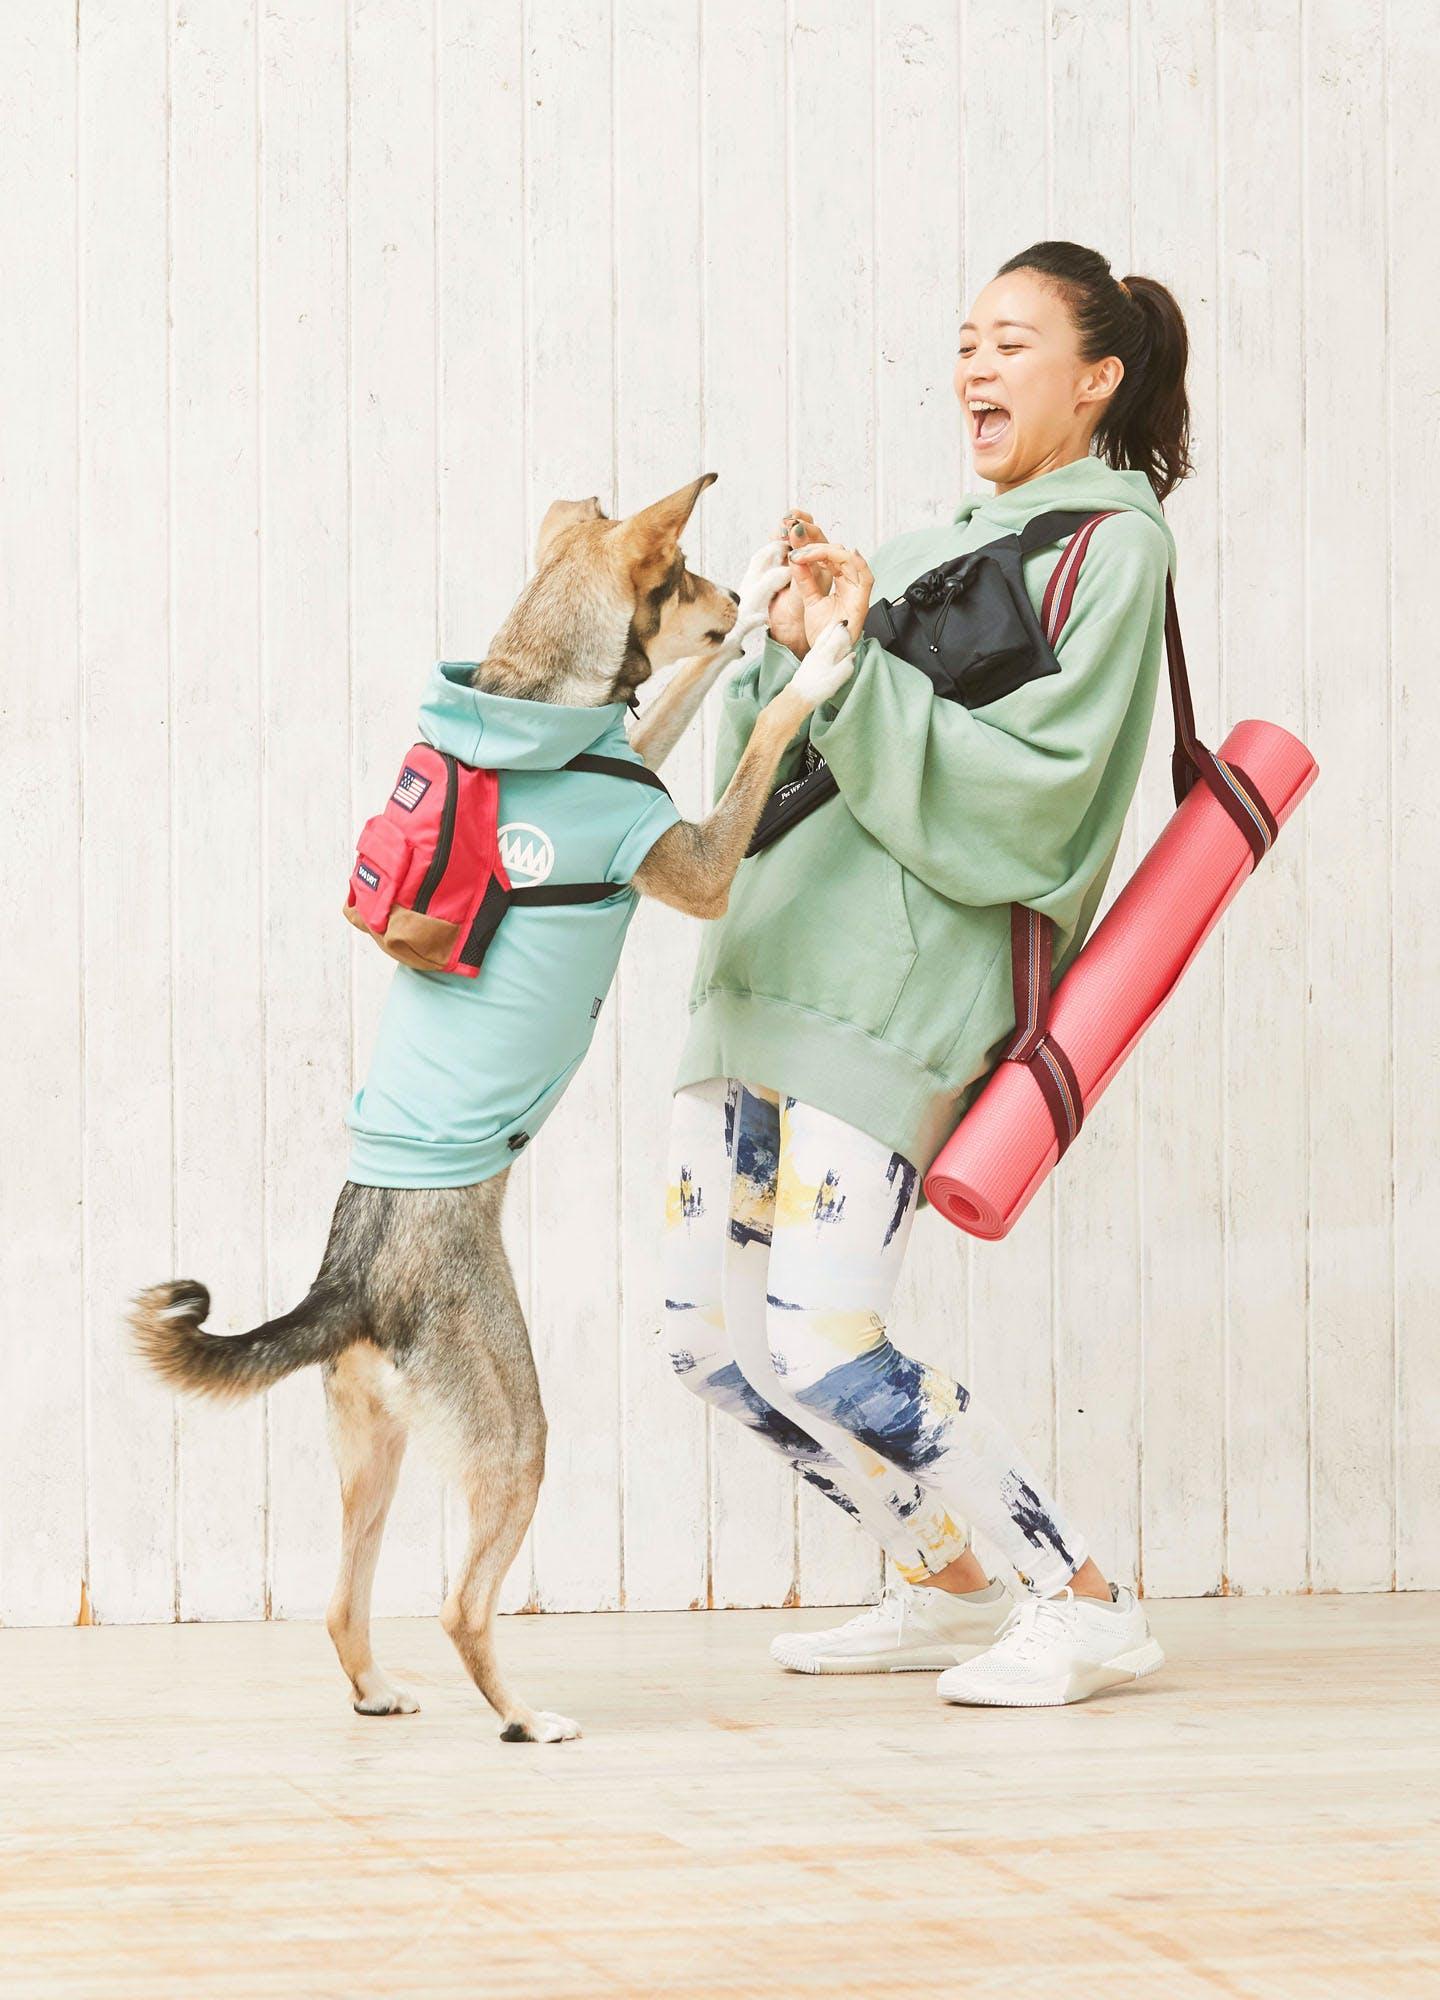 愛犬とリンクコーデでオシャレしよう! スポーツ服 ヨガ 大社カリン 保護犬 JOHNBULL Julier Yoga and RelaxL  BROTHERS DOG DEPT